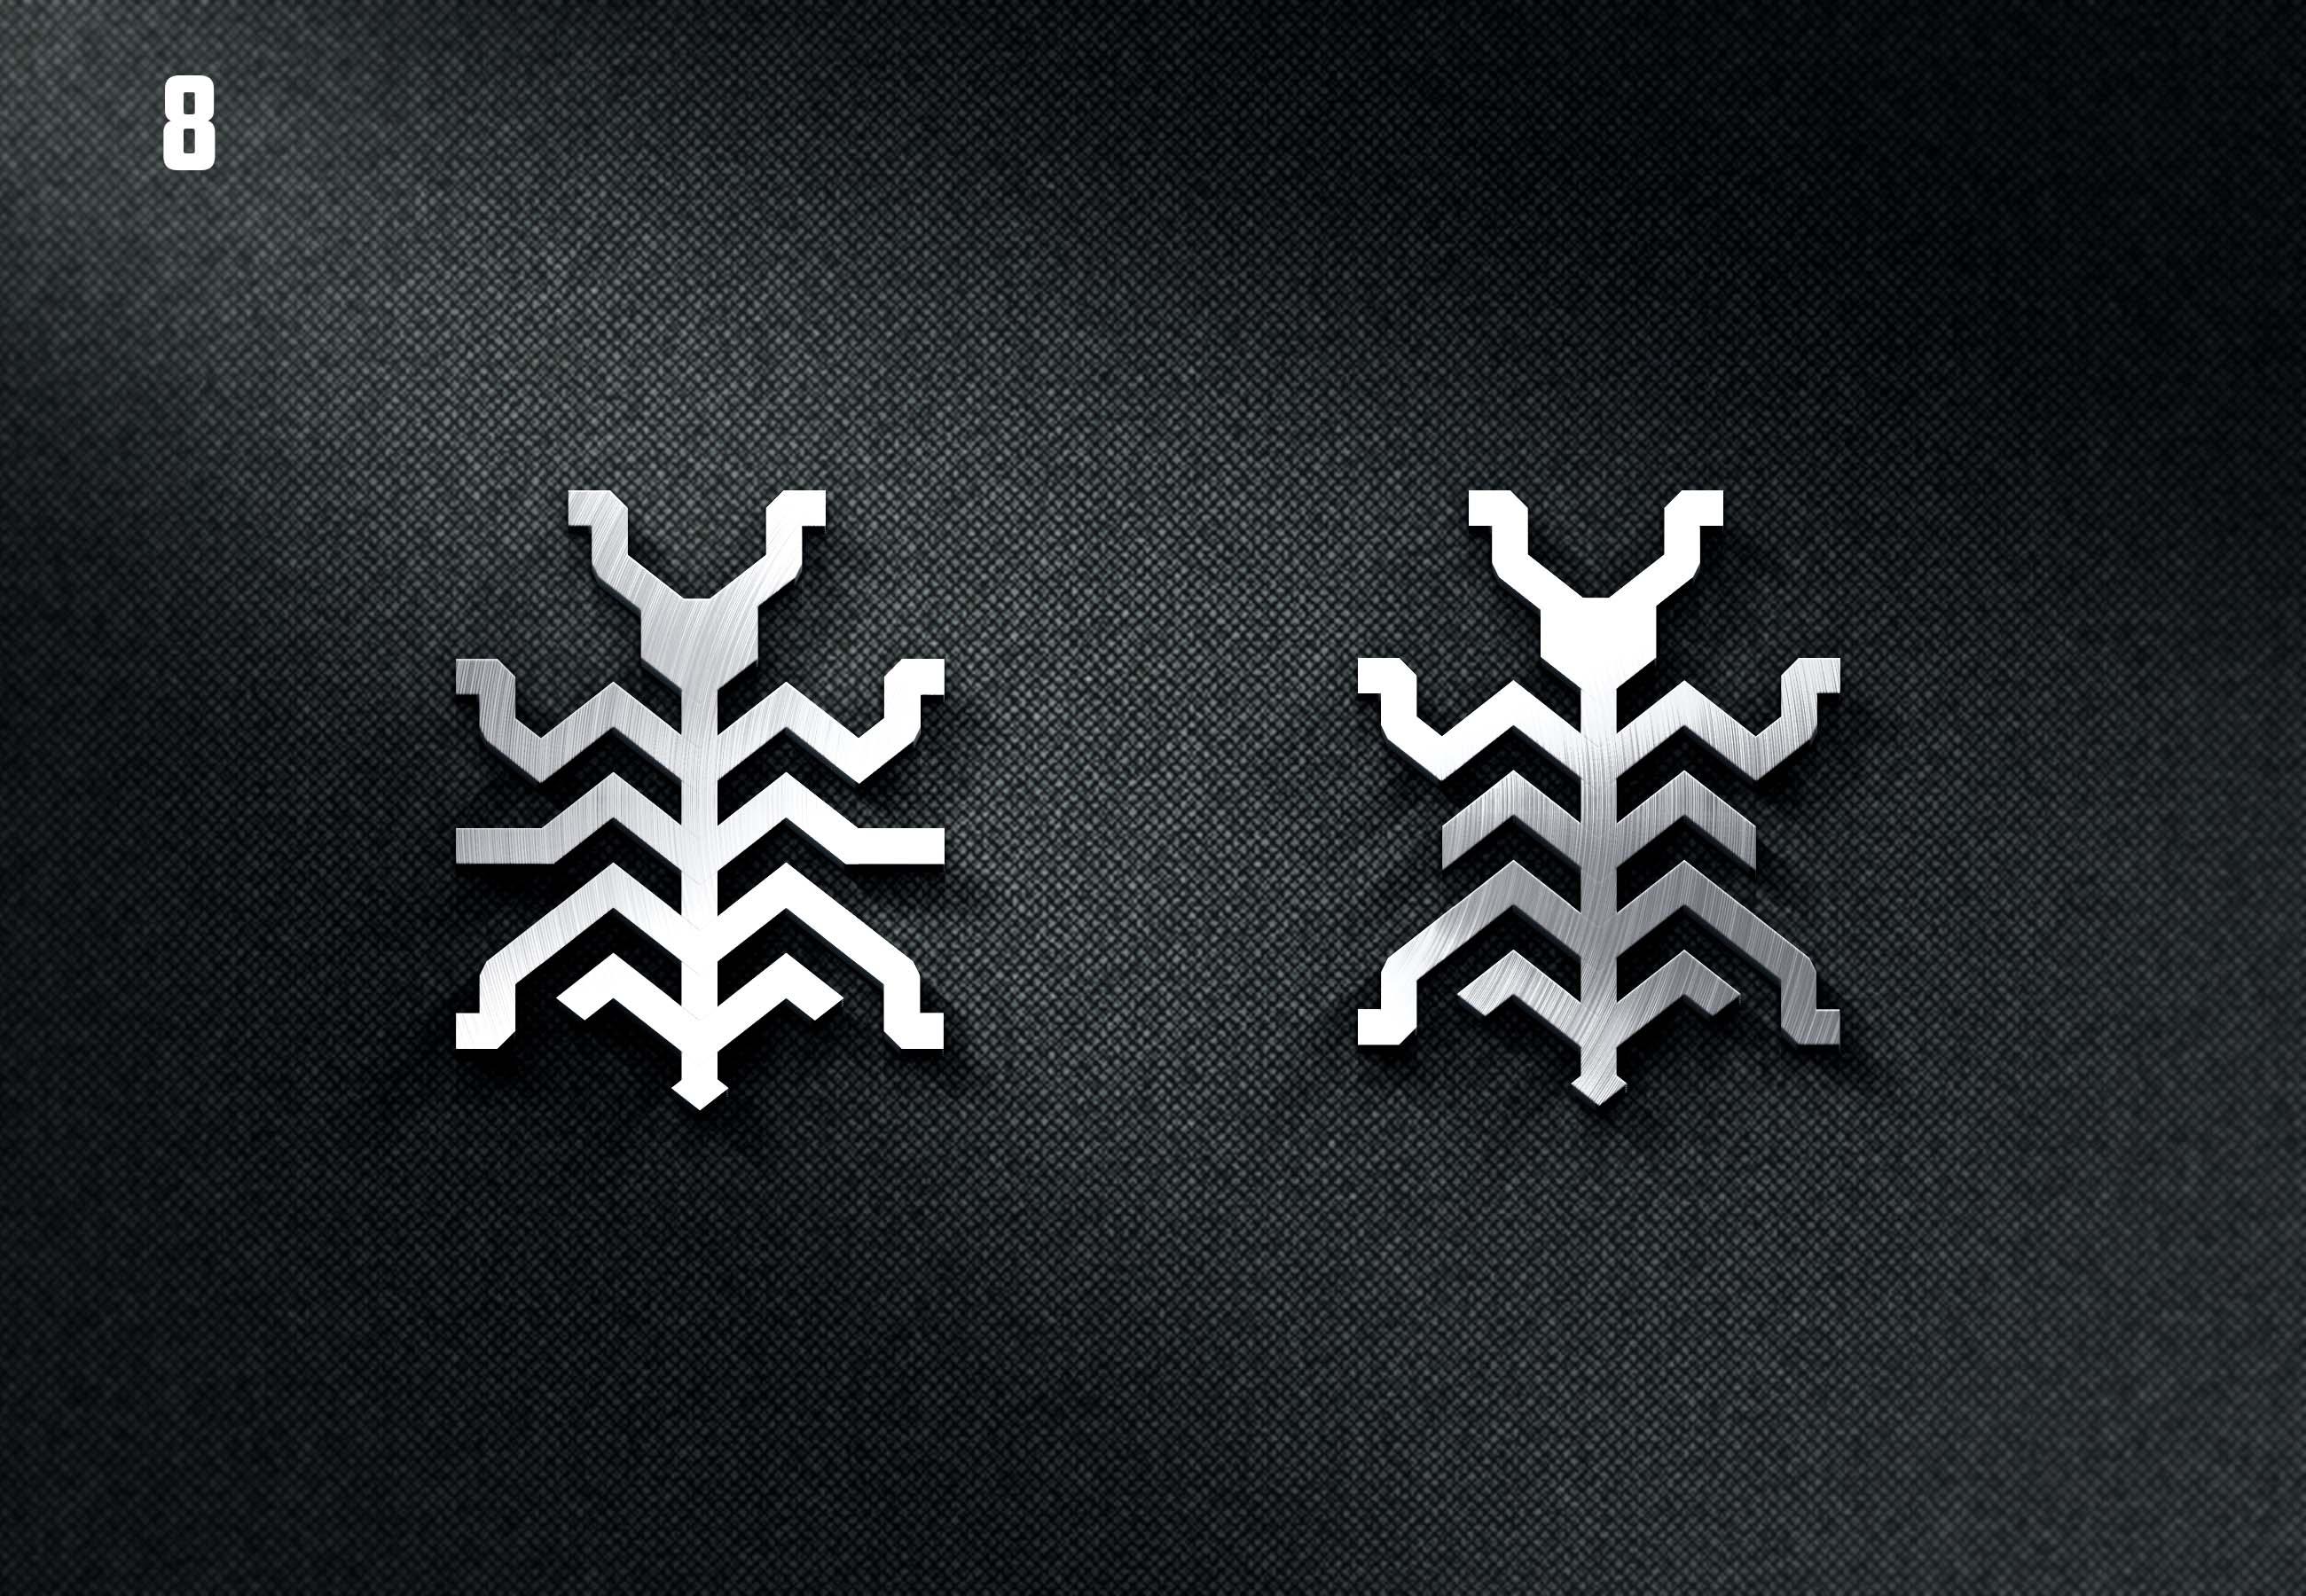 Нужен логотип (эмблема) для самодельного квадроцикла фото f_0315b1033a7b28e7.jpg